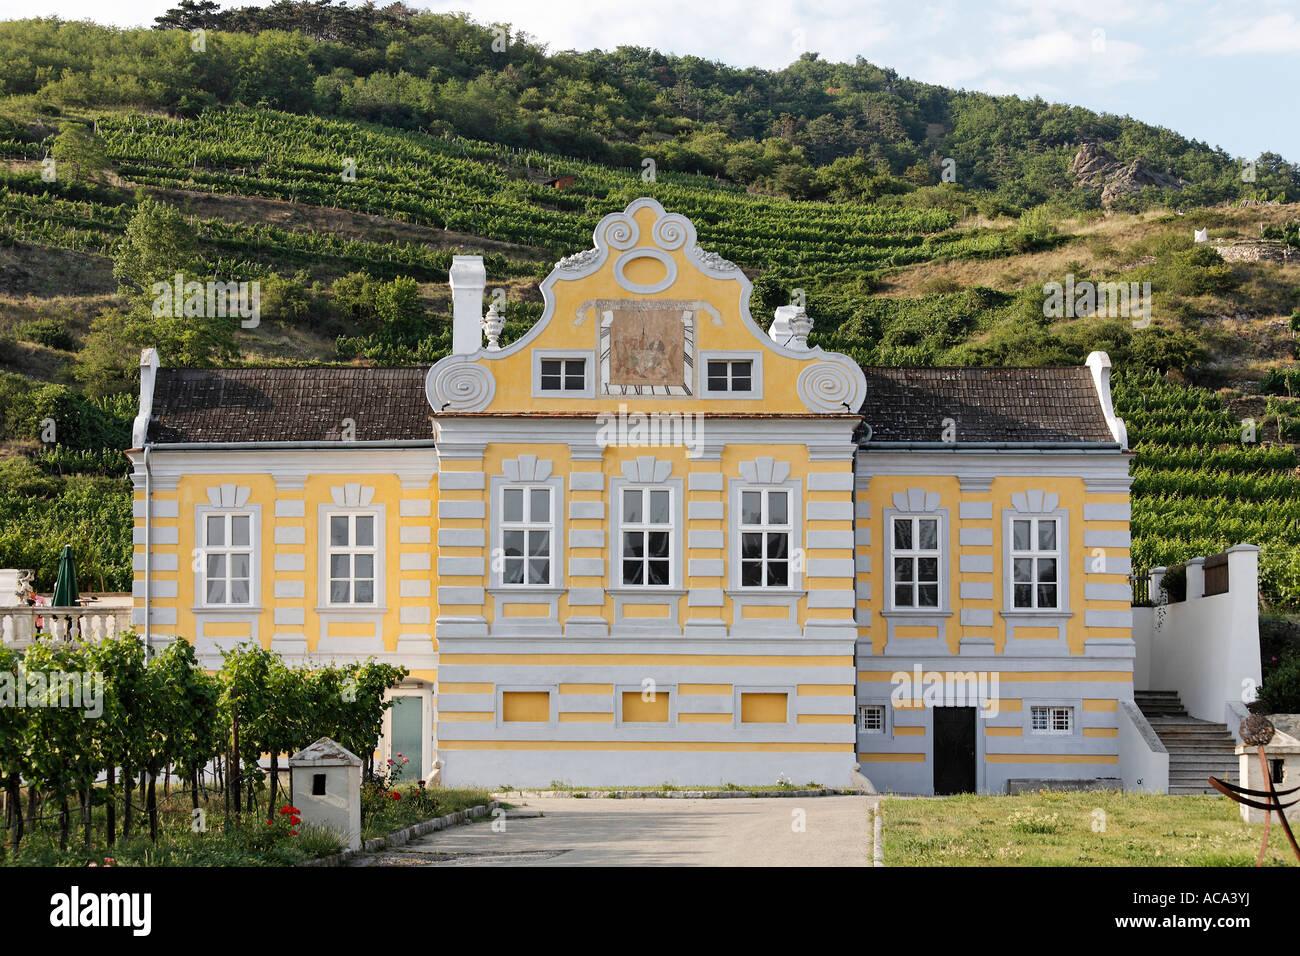 Wine castle, Kellerschloessl, Unterloiben, Duernstein, Wachau, Lower Austria, Austria Stock Photo